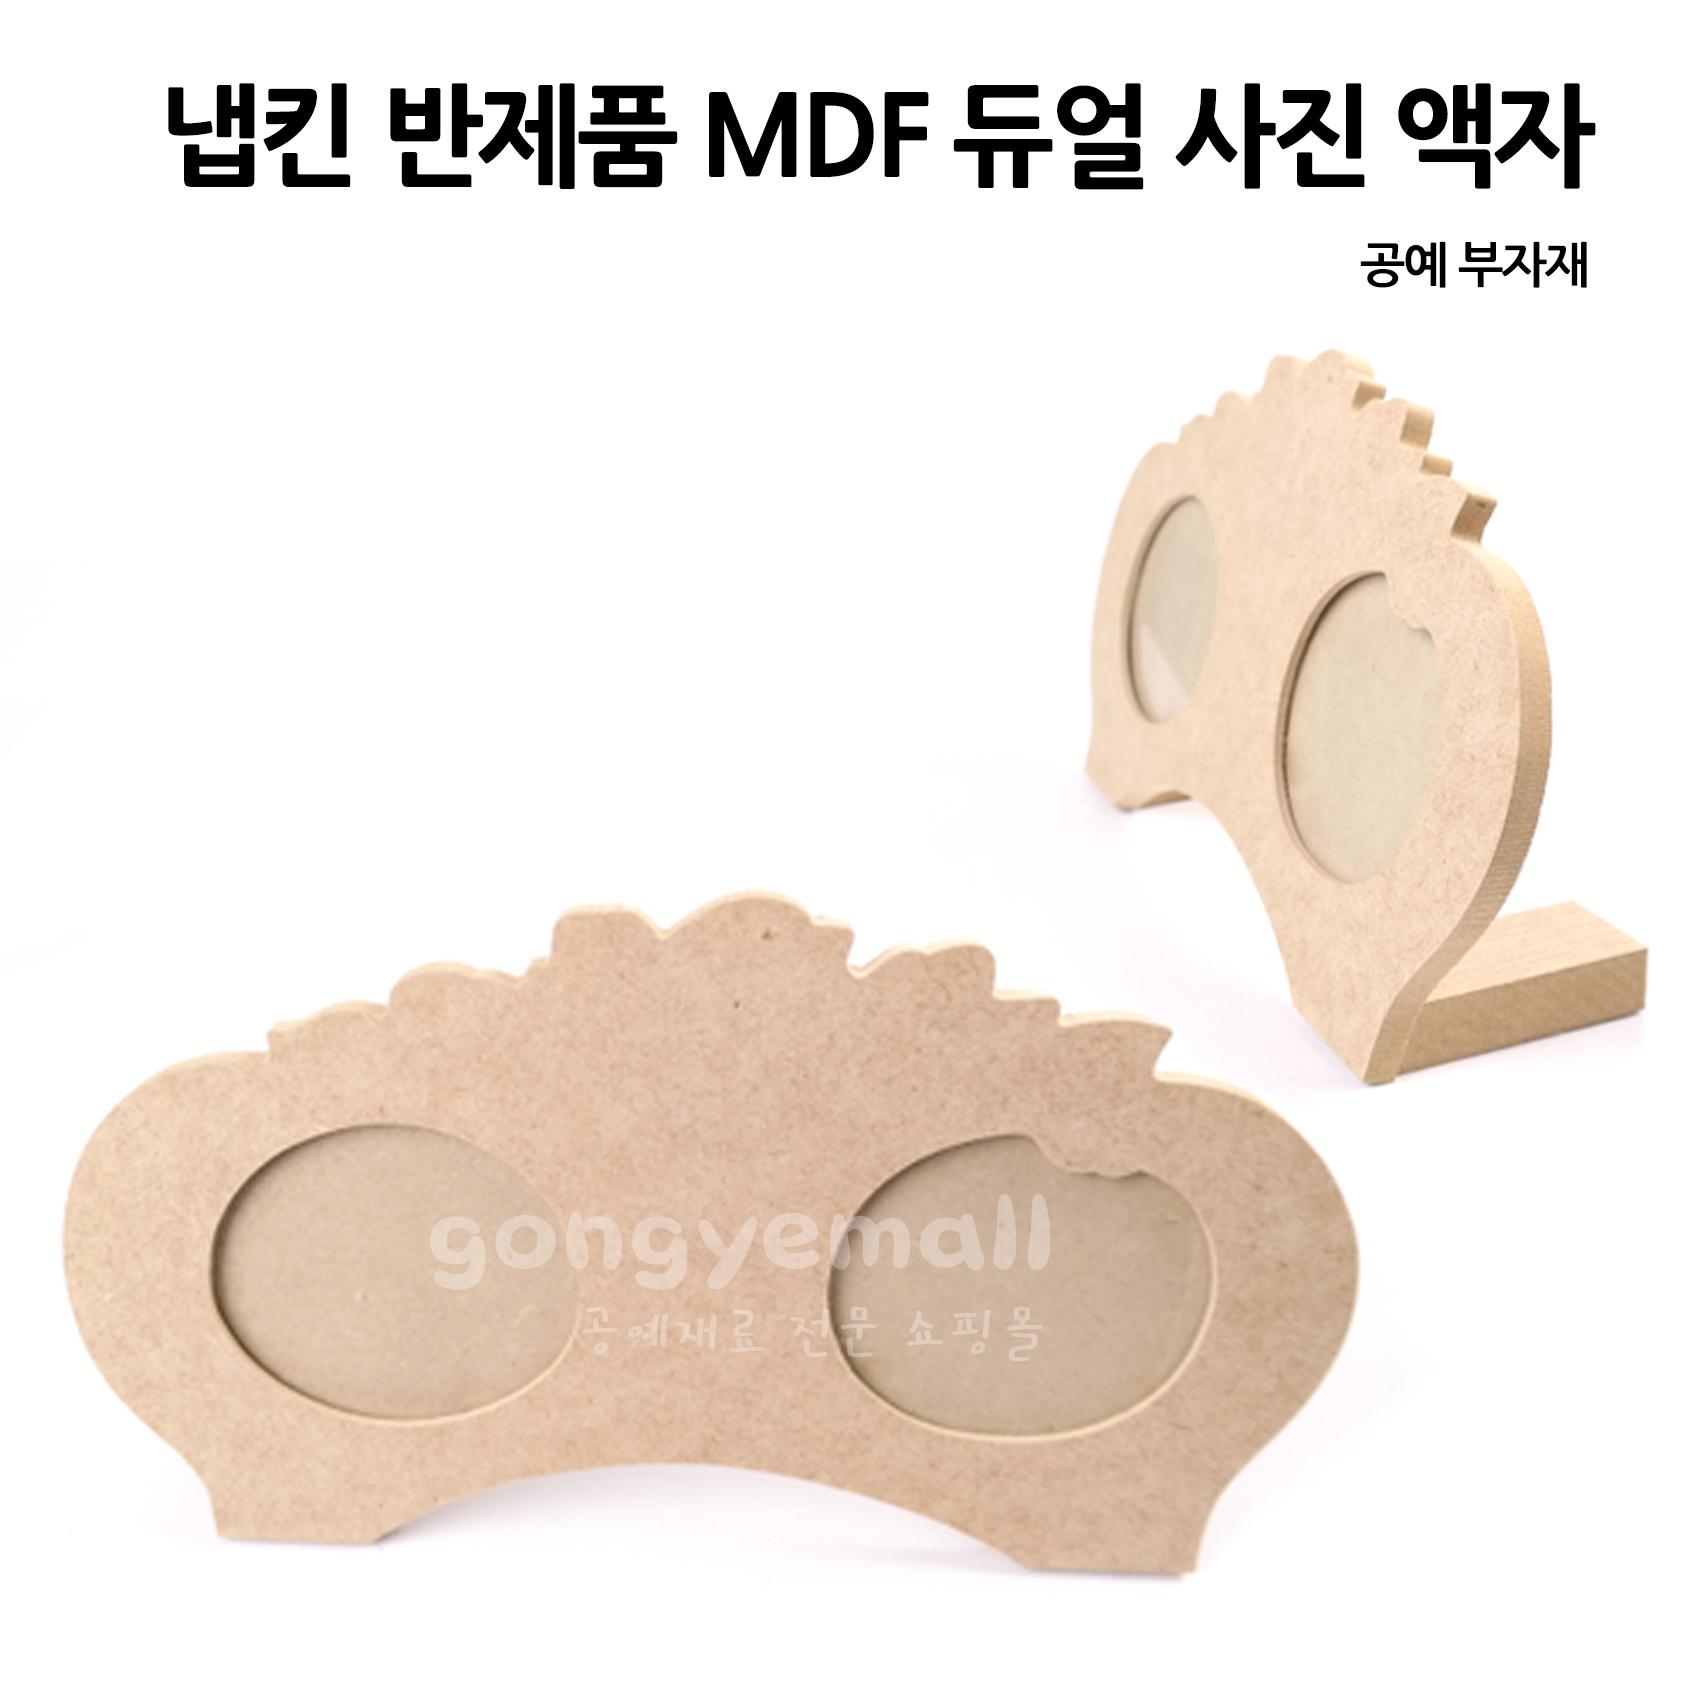 냅킨 반제품 MDF 듀얼 사진 액자